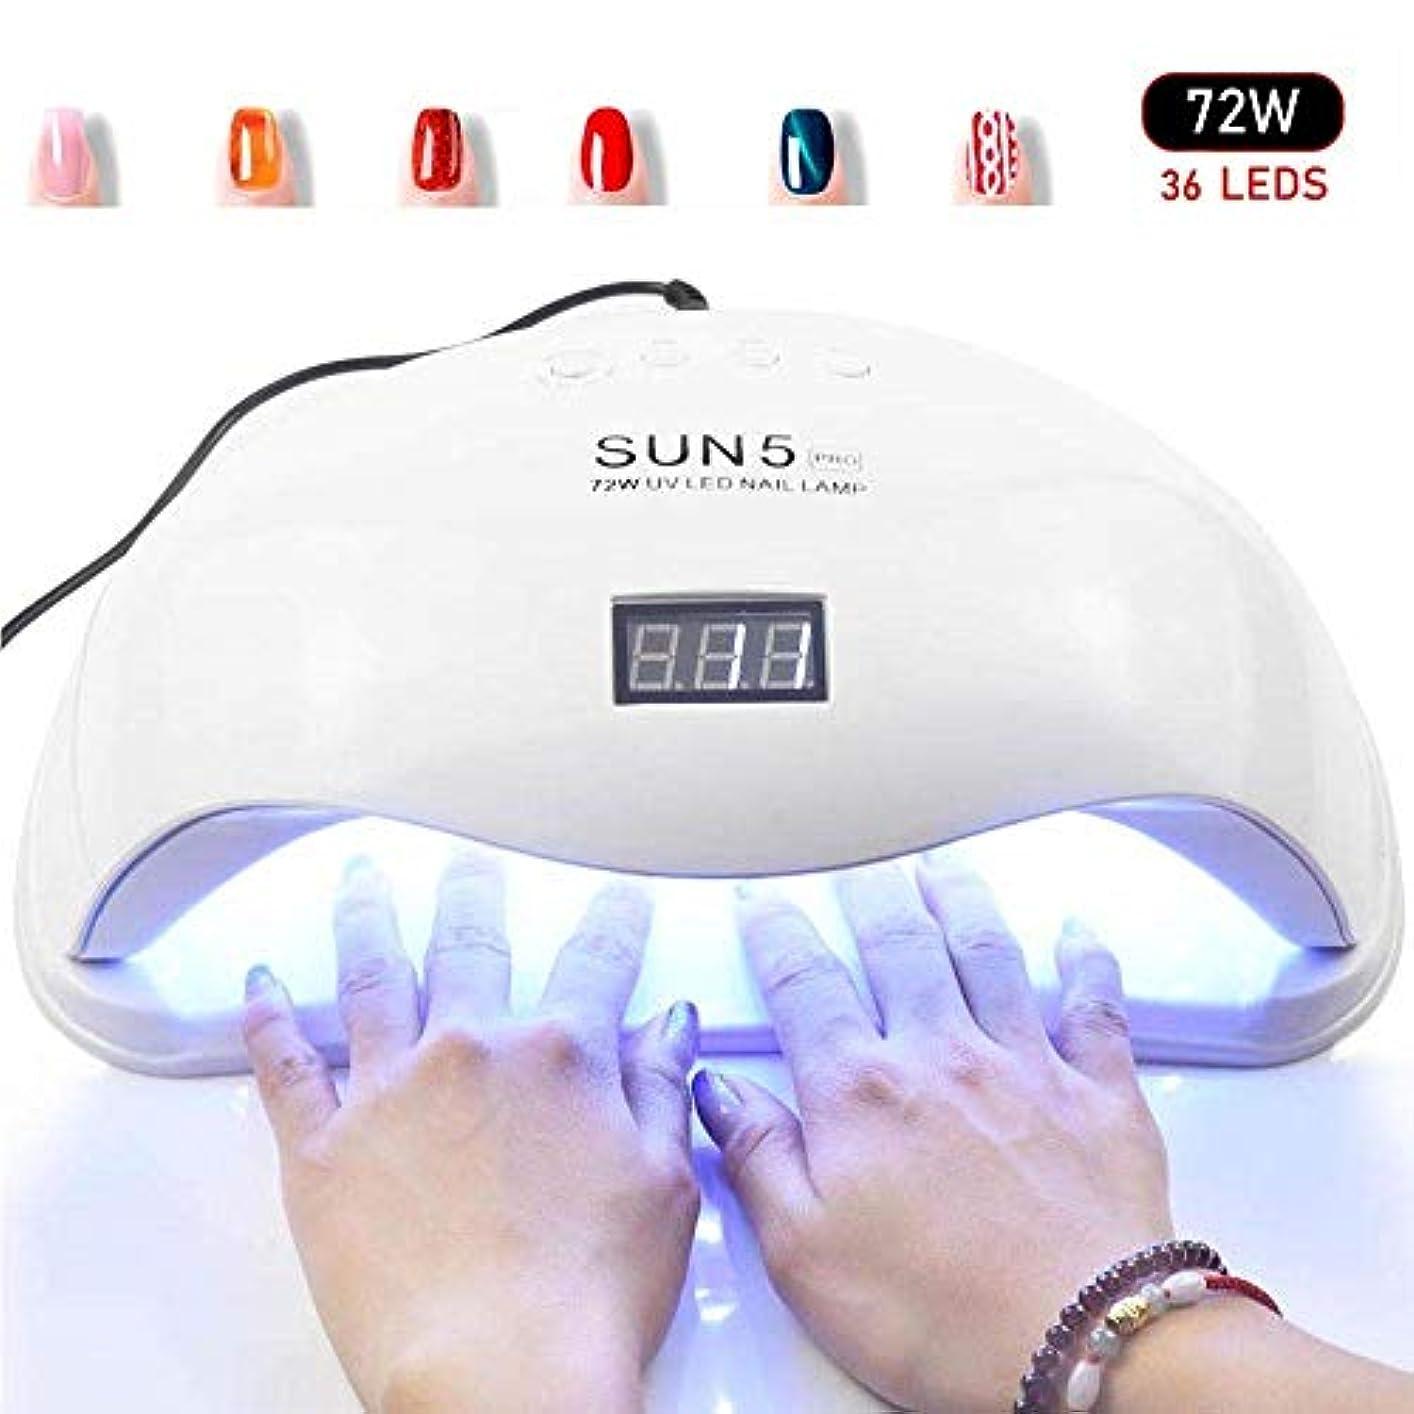 補償歩行者エレメンタル72W UVライト LEDネイルランプ LED ネイルドライヤー 赤外線センシング 10/30 / 60s/99sタイマー設定 速乾 UVライトネイルポリッシュ用 (72W)